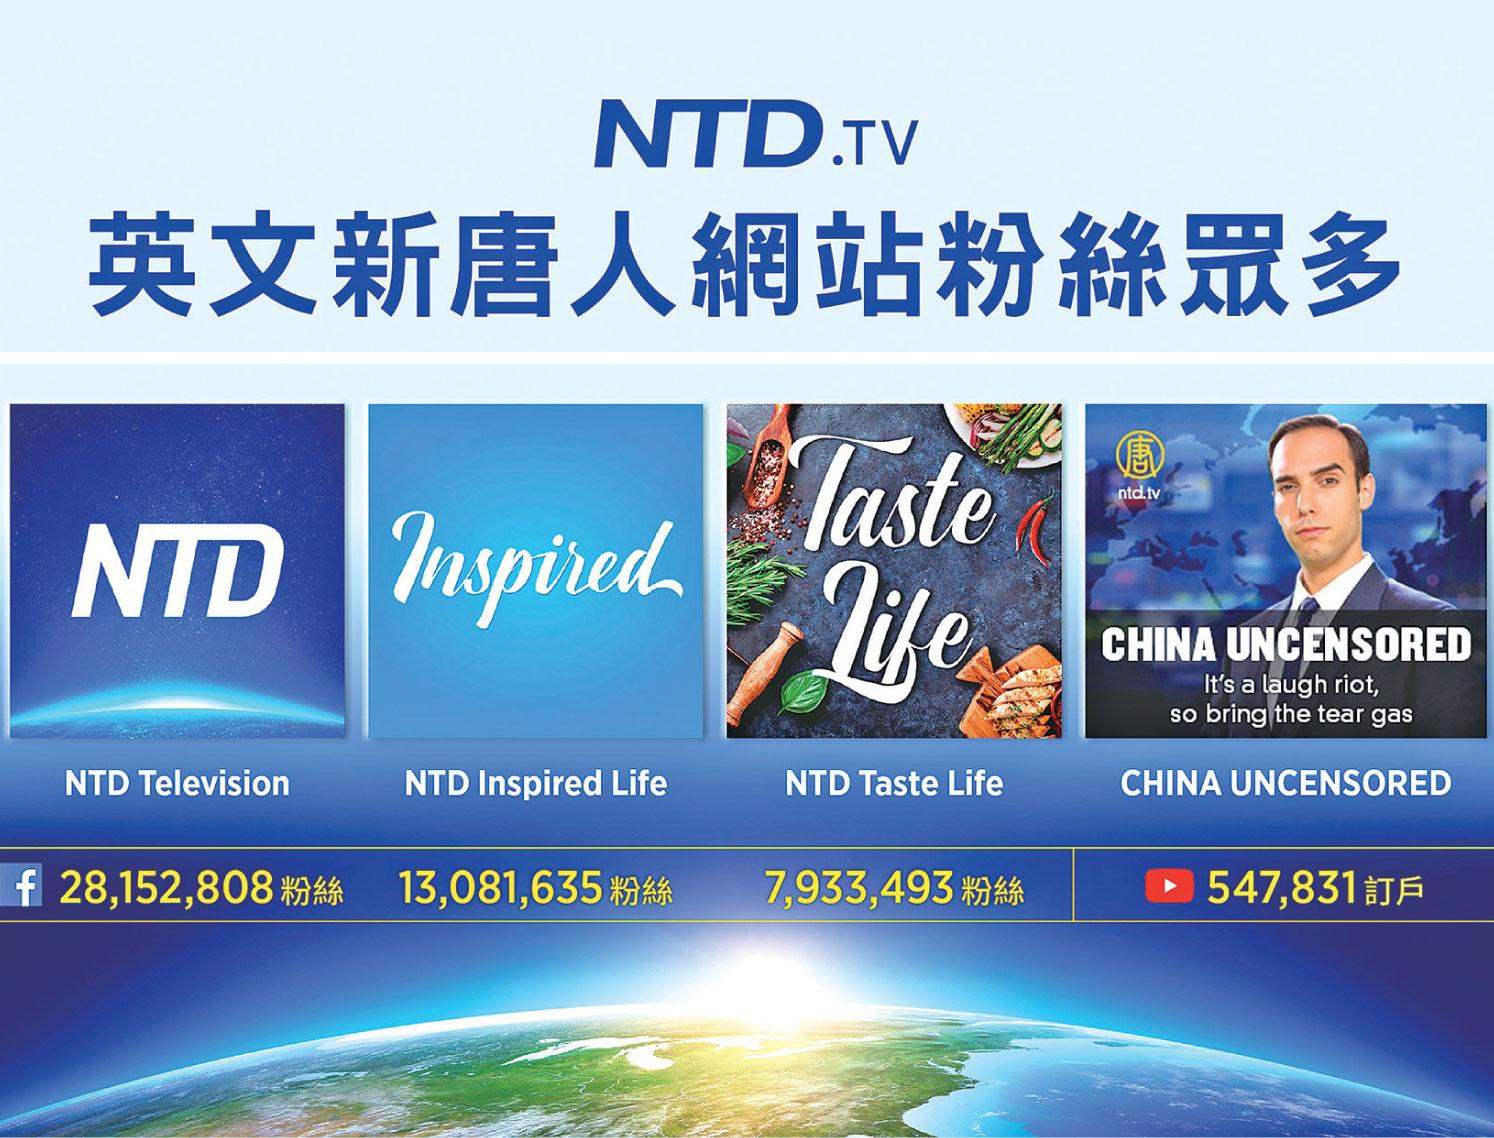 2017年,新唐人電視台開通英文數碼平台——網站、臉書以及YouTube頻道,不到一年多時間躋身全球主流媒體網站。(大紀元製圖)